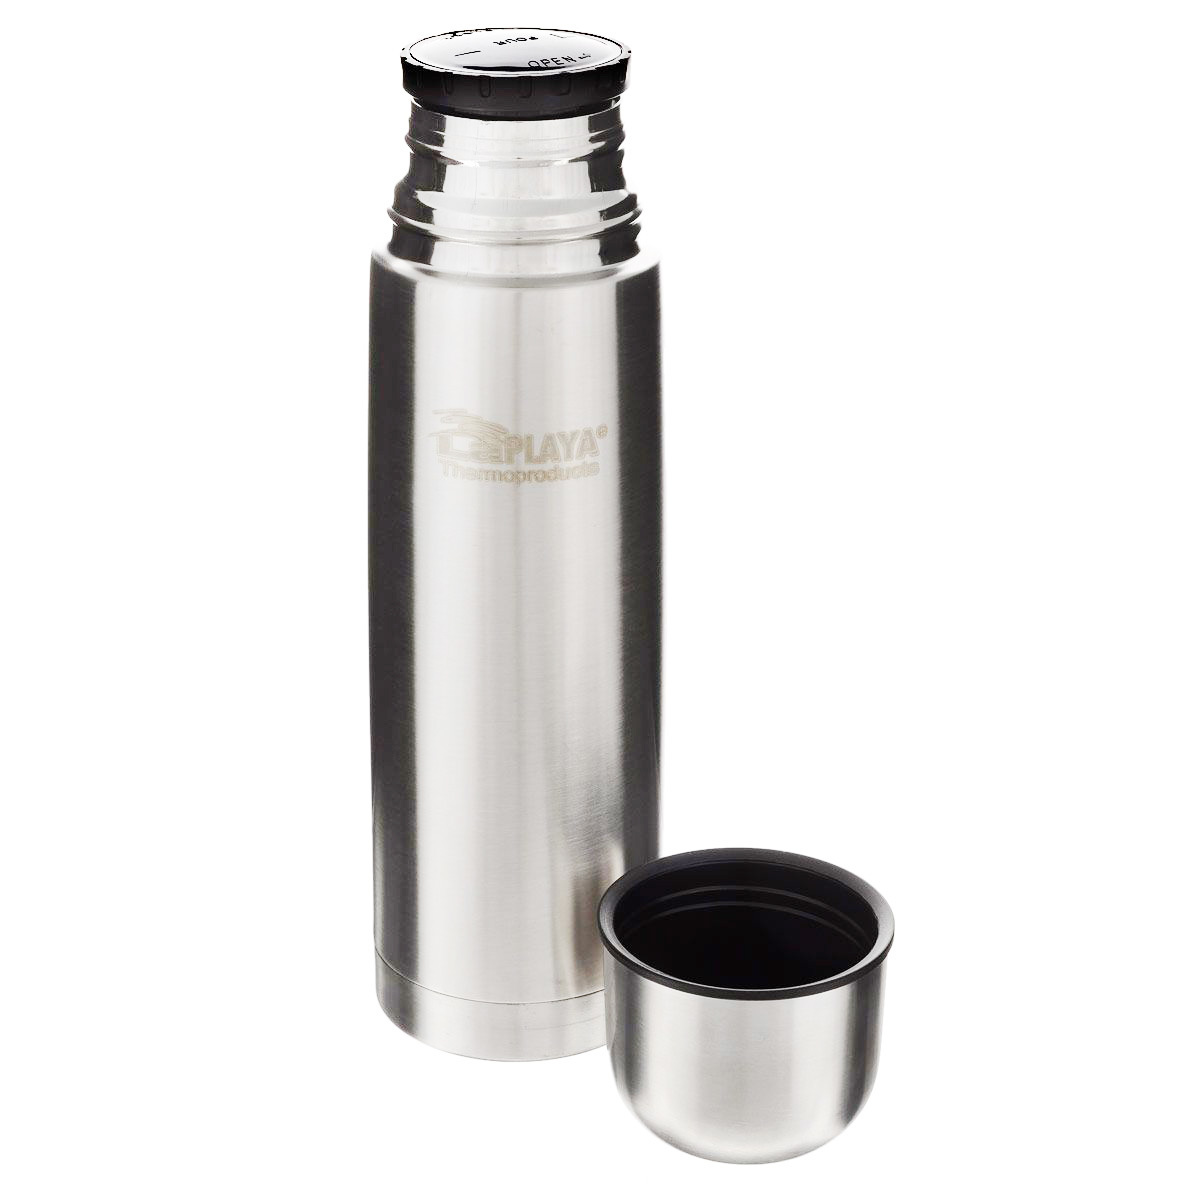 Термос LaPlaya Thermo Bottle Action (1 литр) серебристый